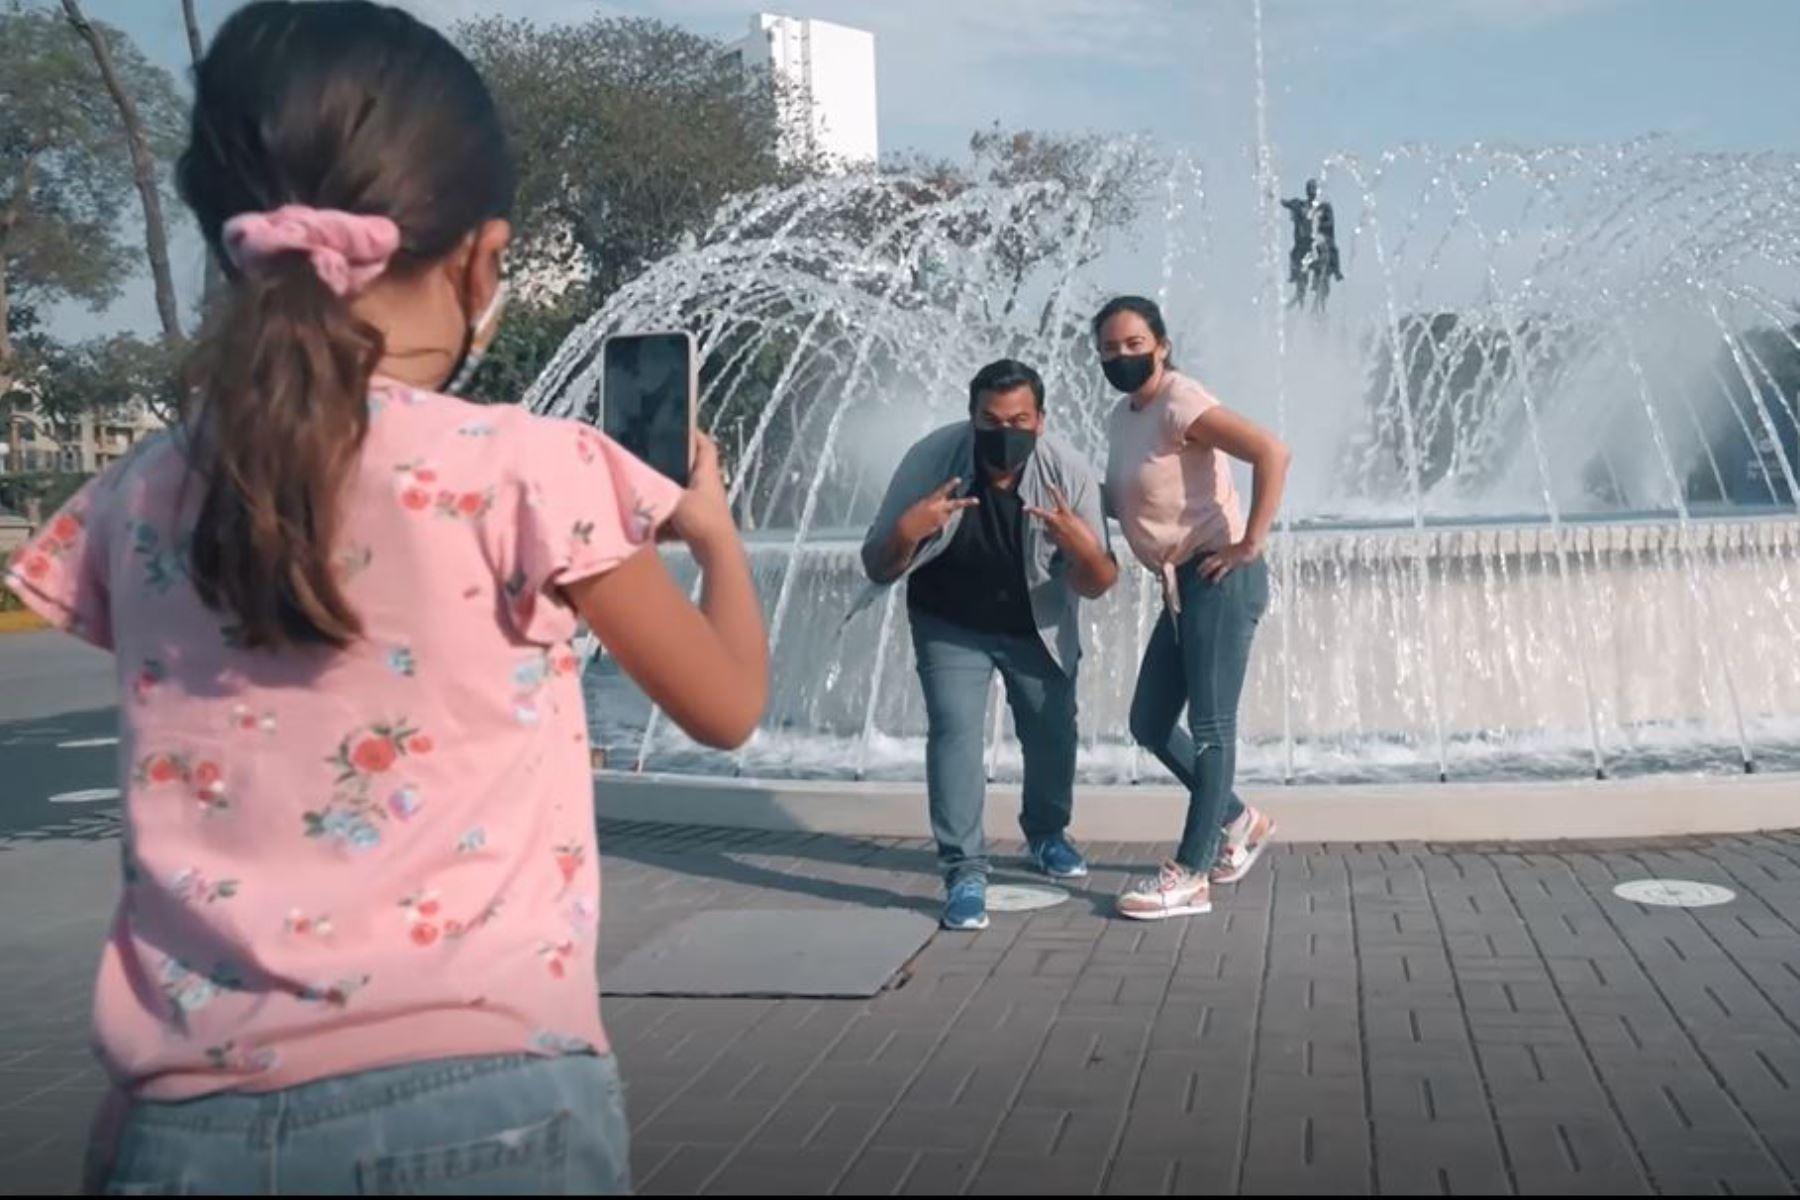 Luego de levantarse la cuarentena dispuesta por el gobierno para frenar el avance del coronavirus, las familias podrán visitar nuevamente el Circuito Mágico del Agua y los clubes zonales de Lima Metropolitana, que reabren sus puertas desde hoy. Foto: ANDINA/Municipalidad de Lima